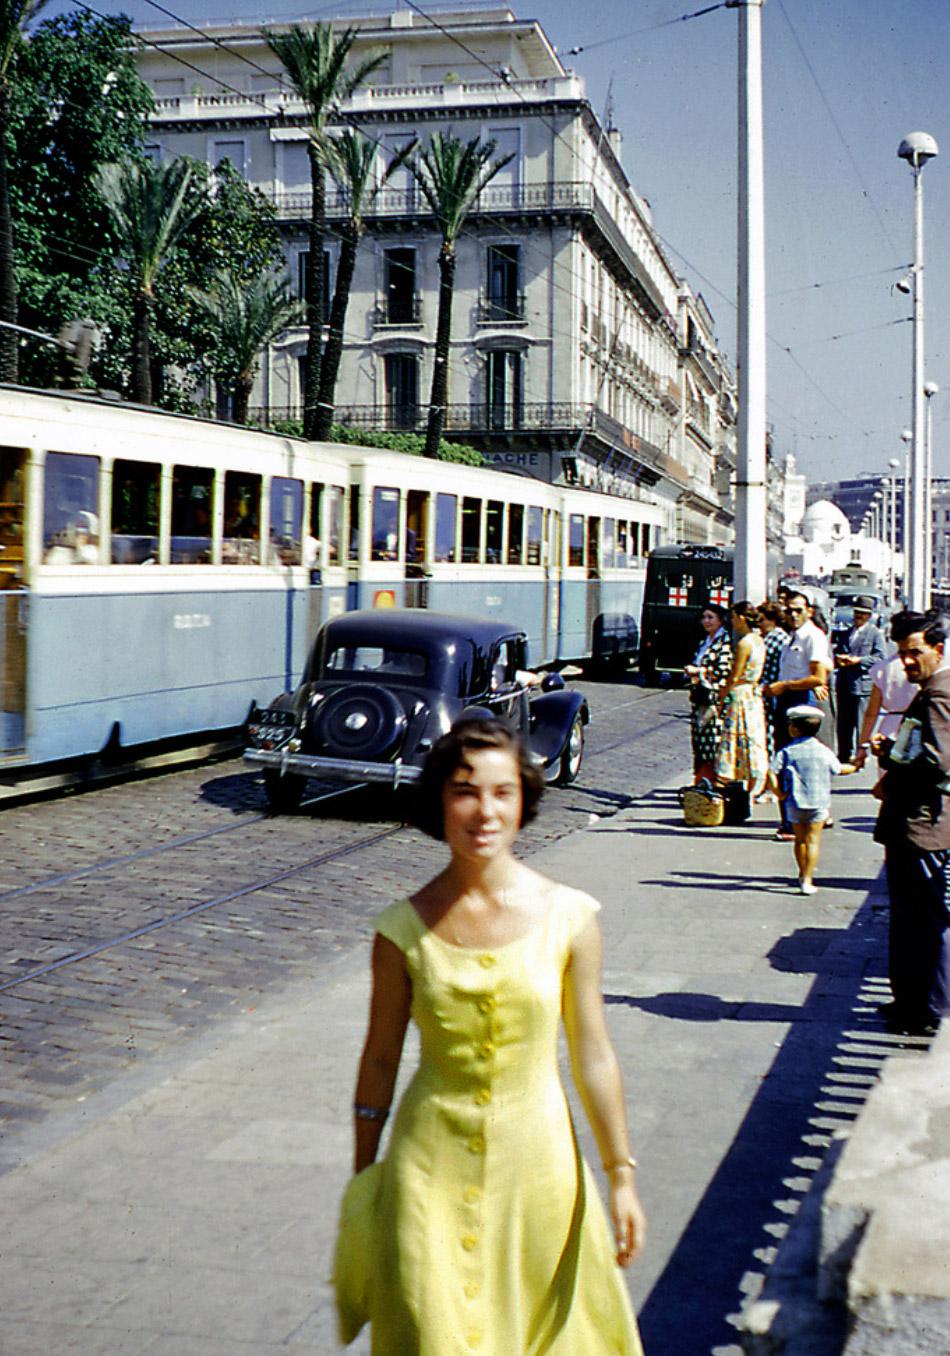 1954 год в цвете: как жил мир 60 лет назад